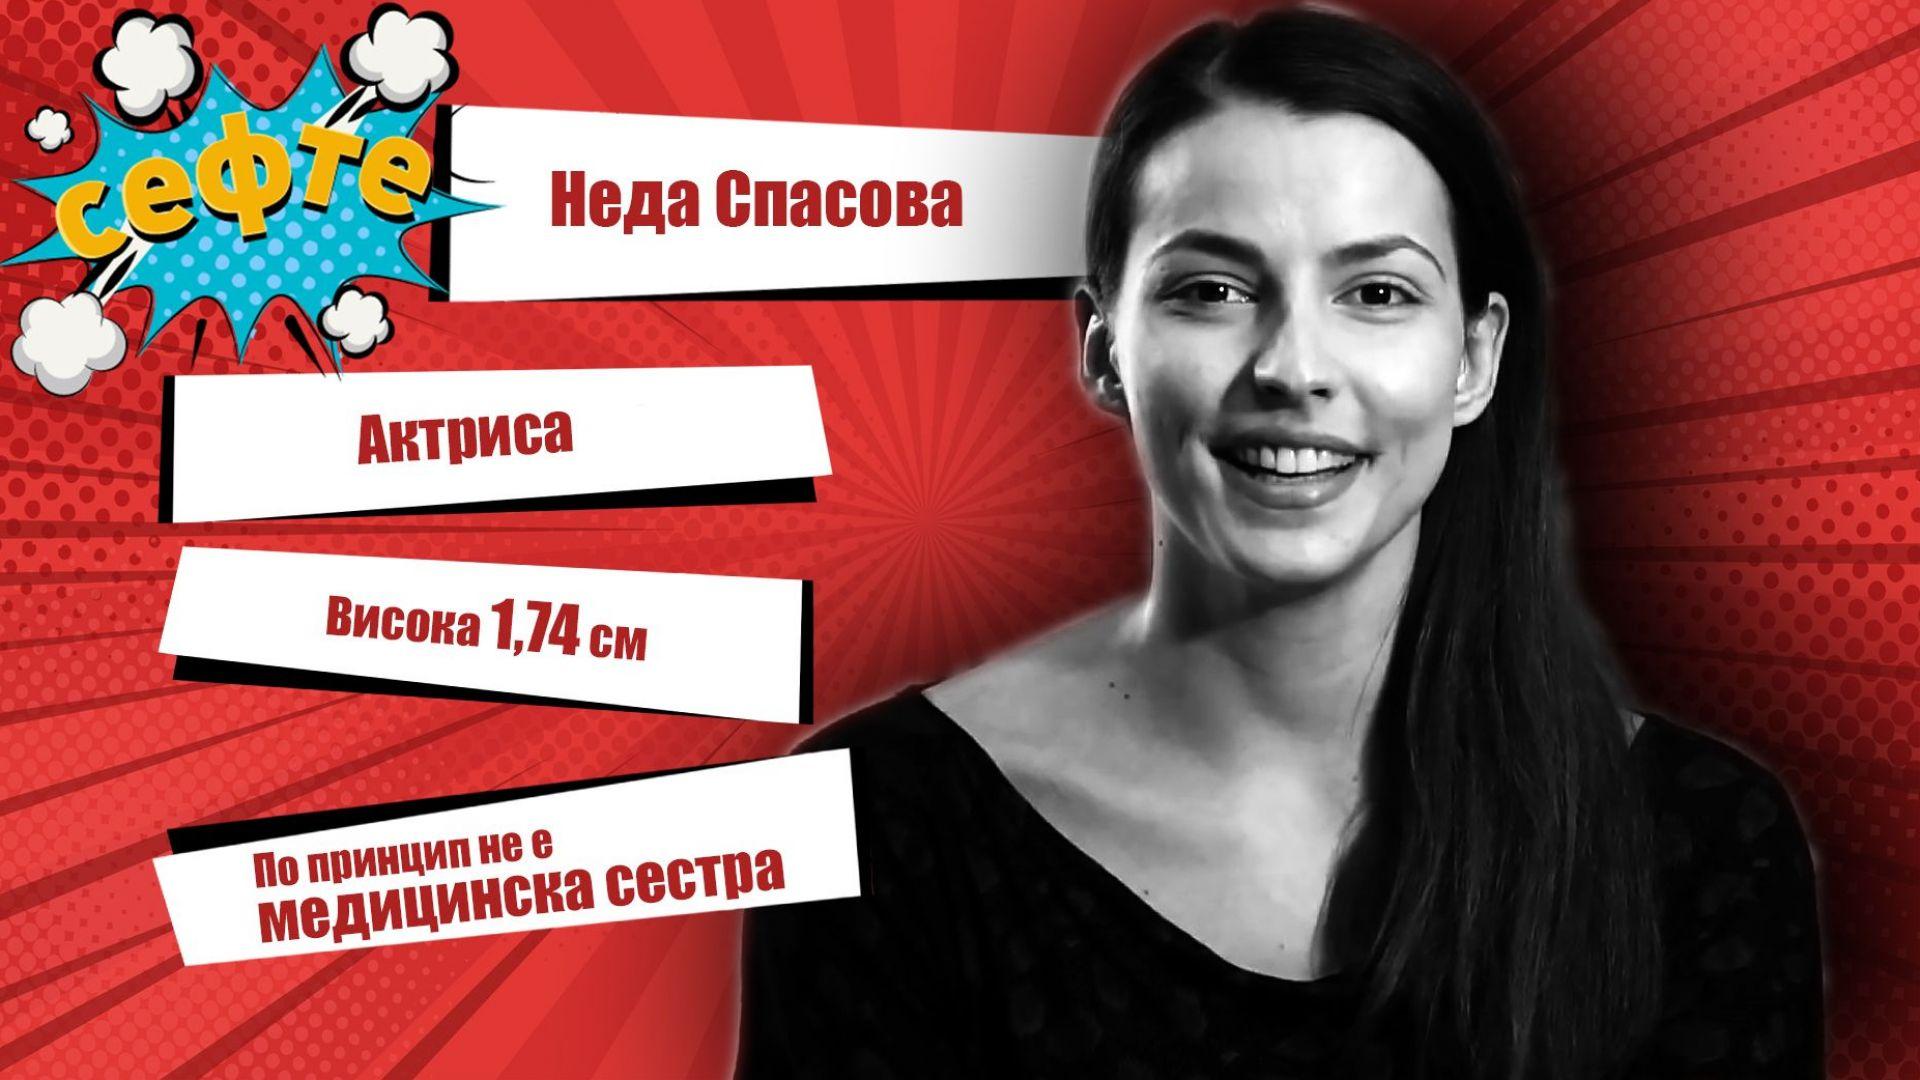 #Сефте: Първата целувка на Неда Спасова била с… момиче